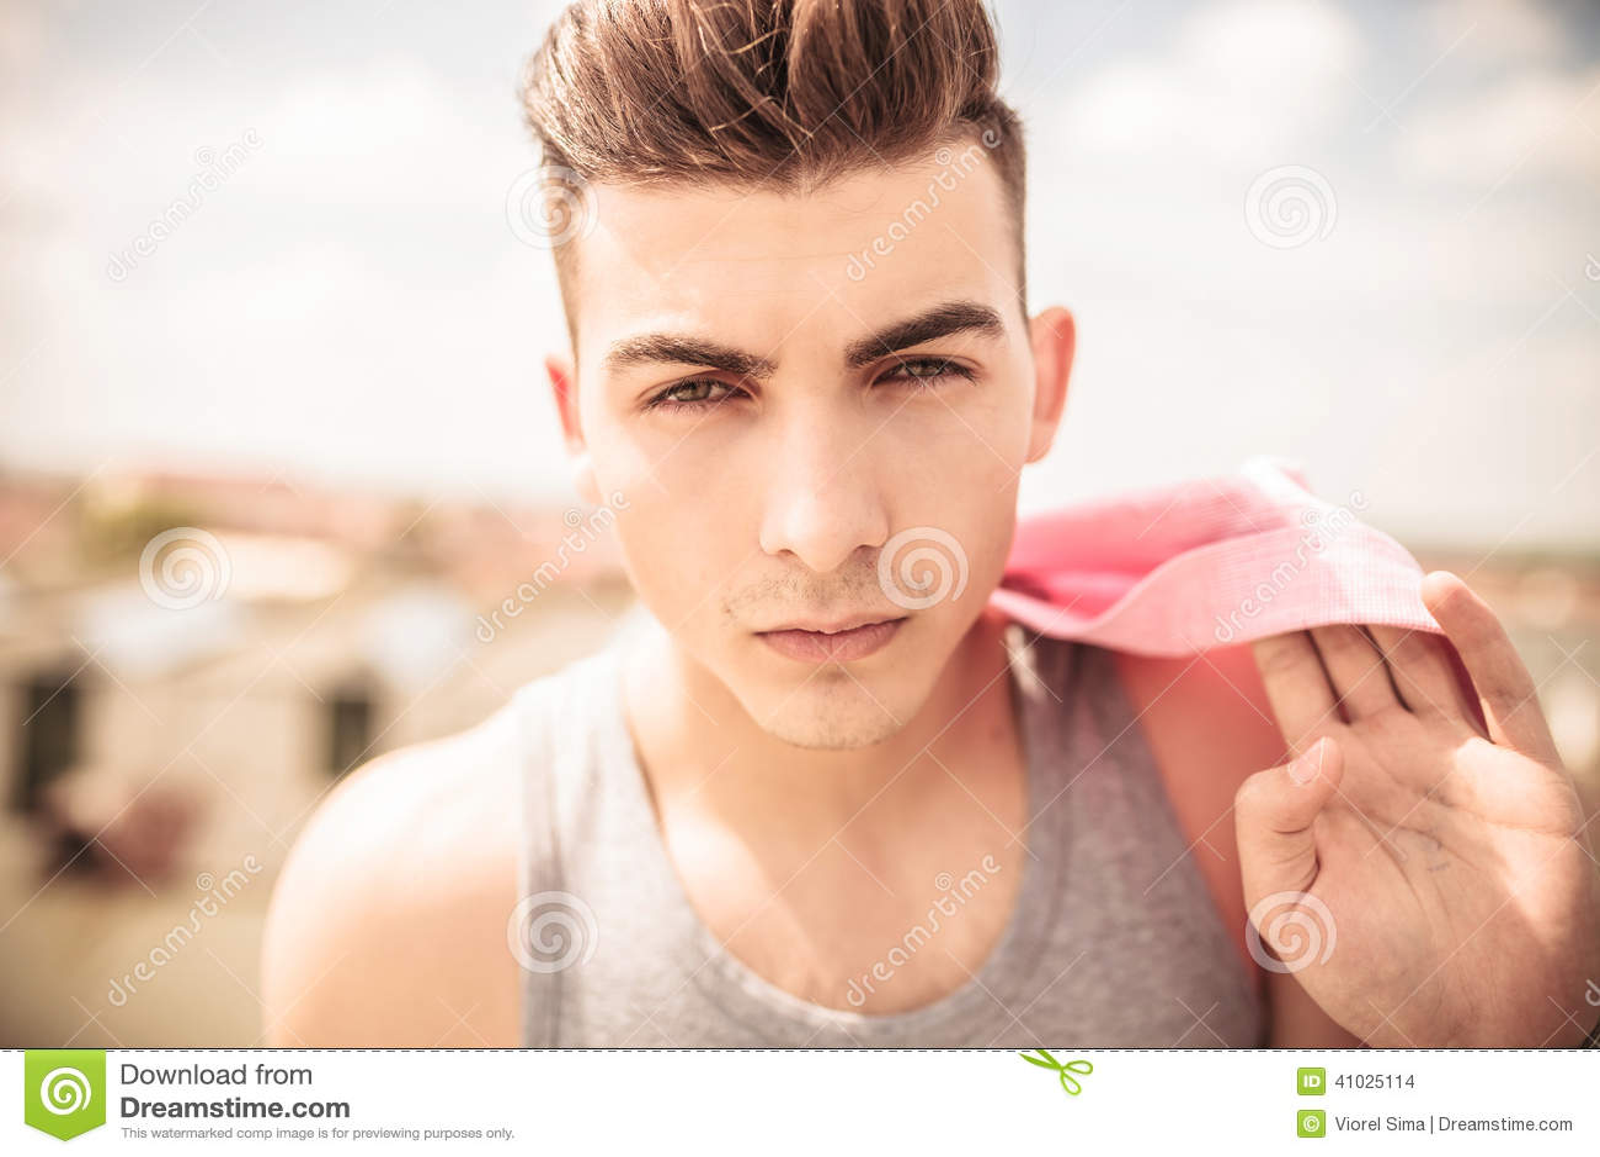 visage d 39 un jeune homme beau photo stock image du t te people 41025114. Black Bedroom Furniture Sets. Home Design Ideas